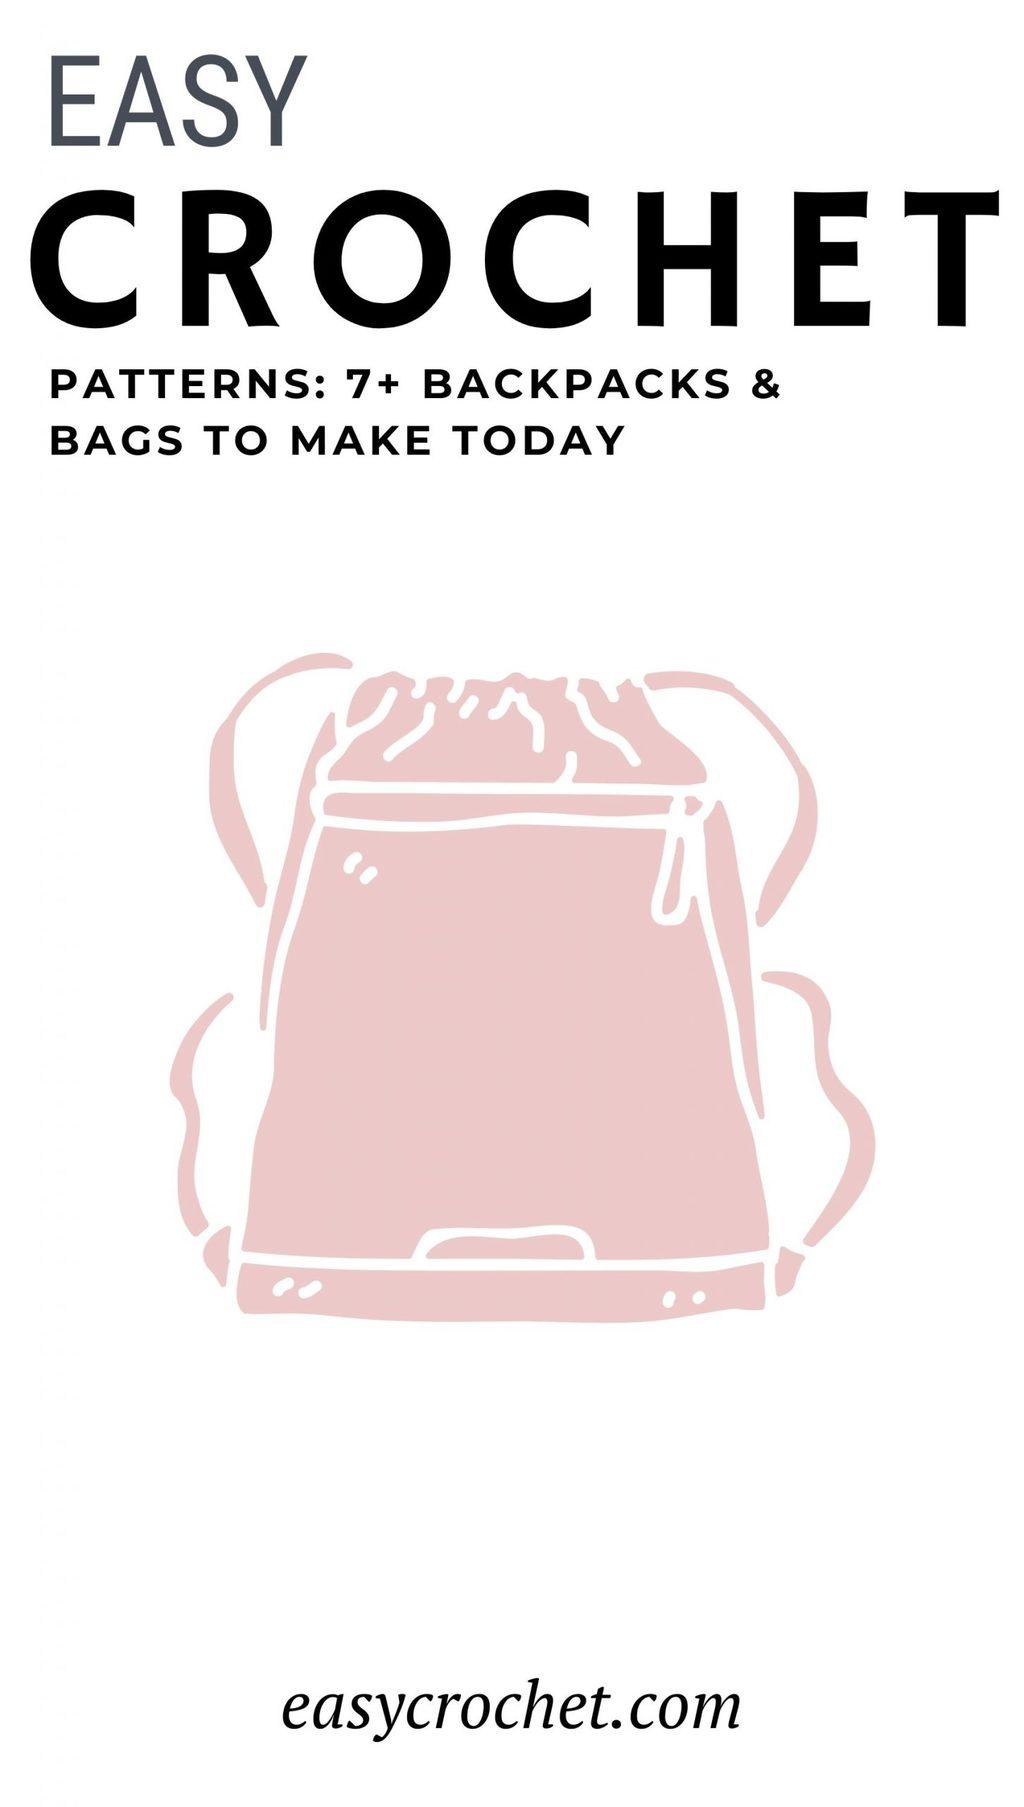 Mochilas y patrones de bolsos de ganchillo gratis